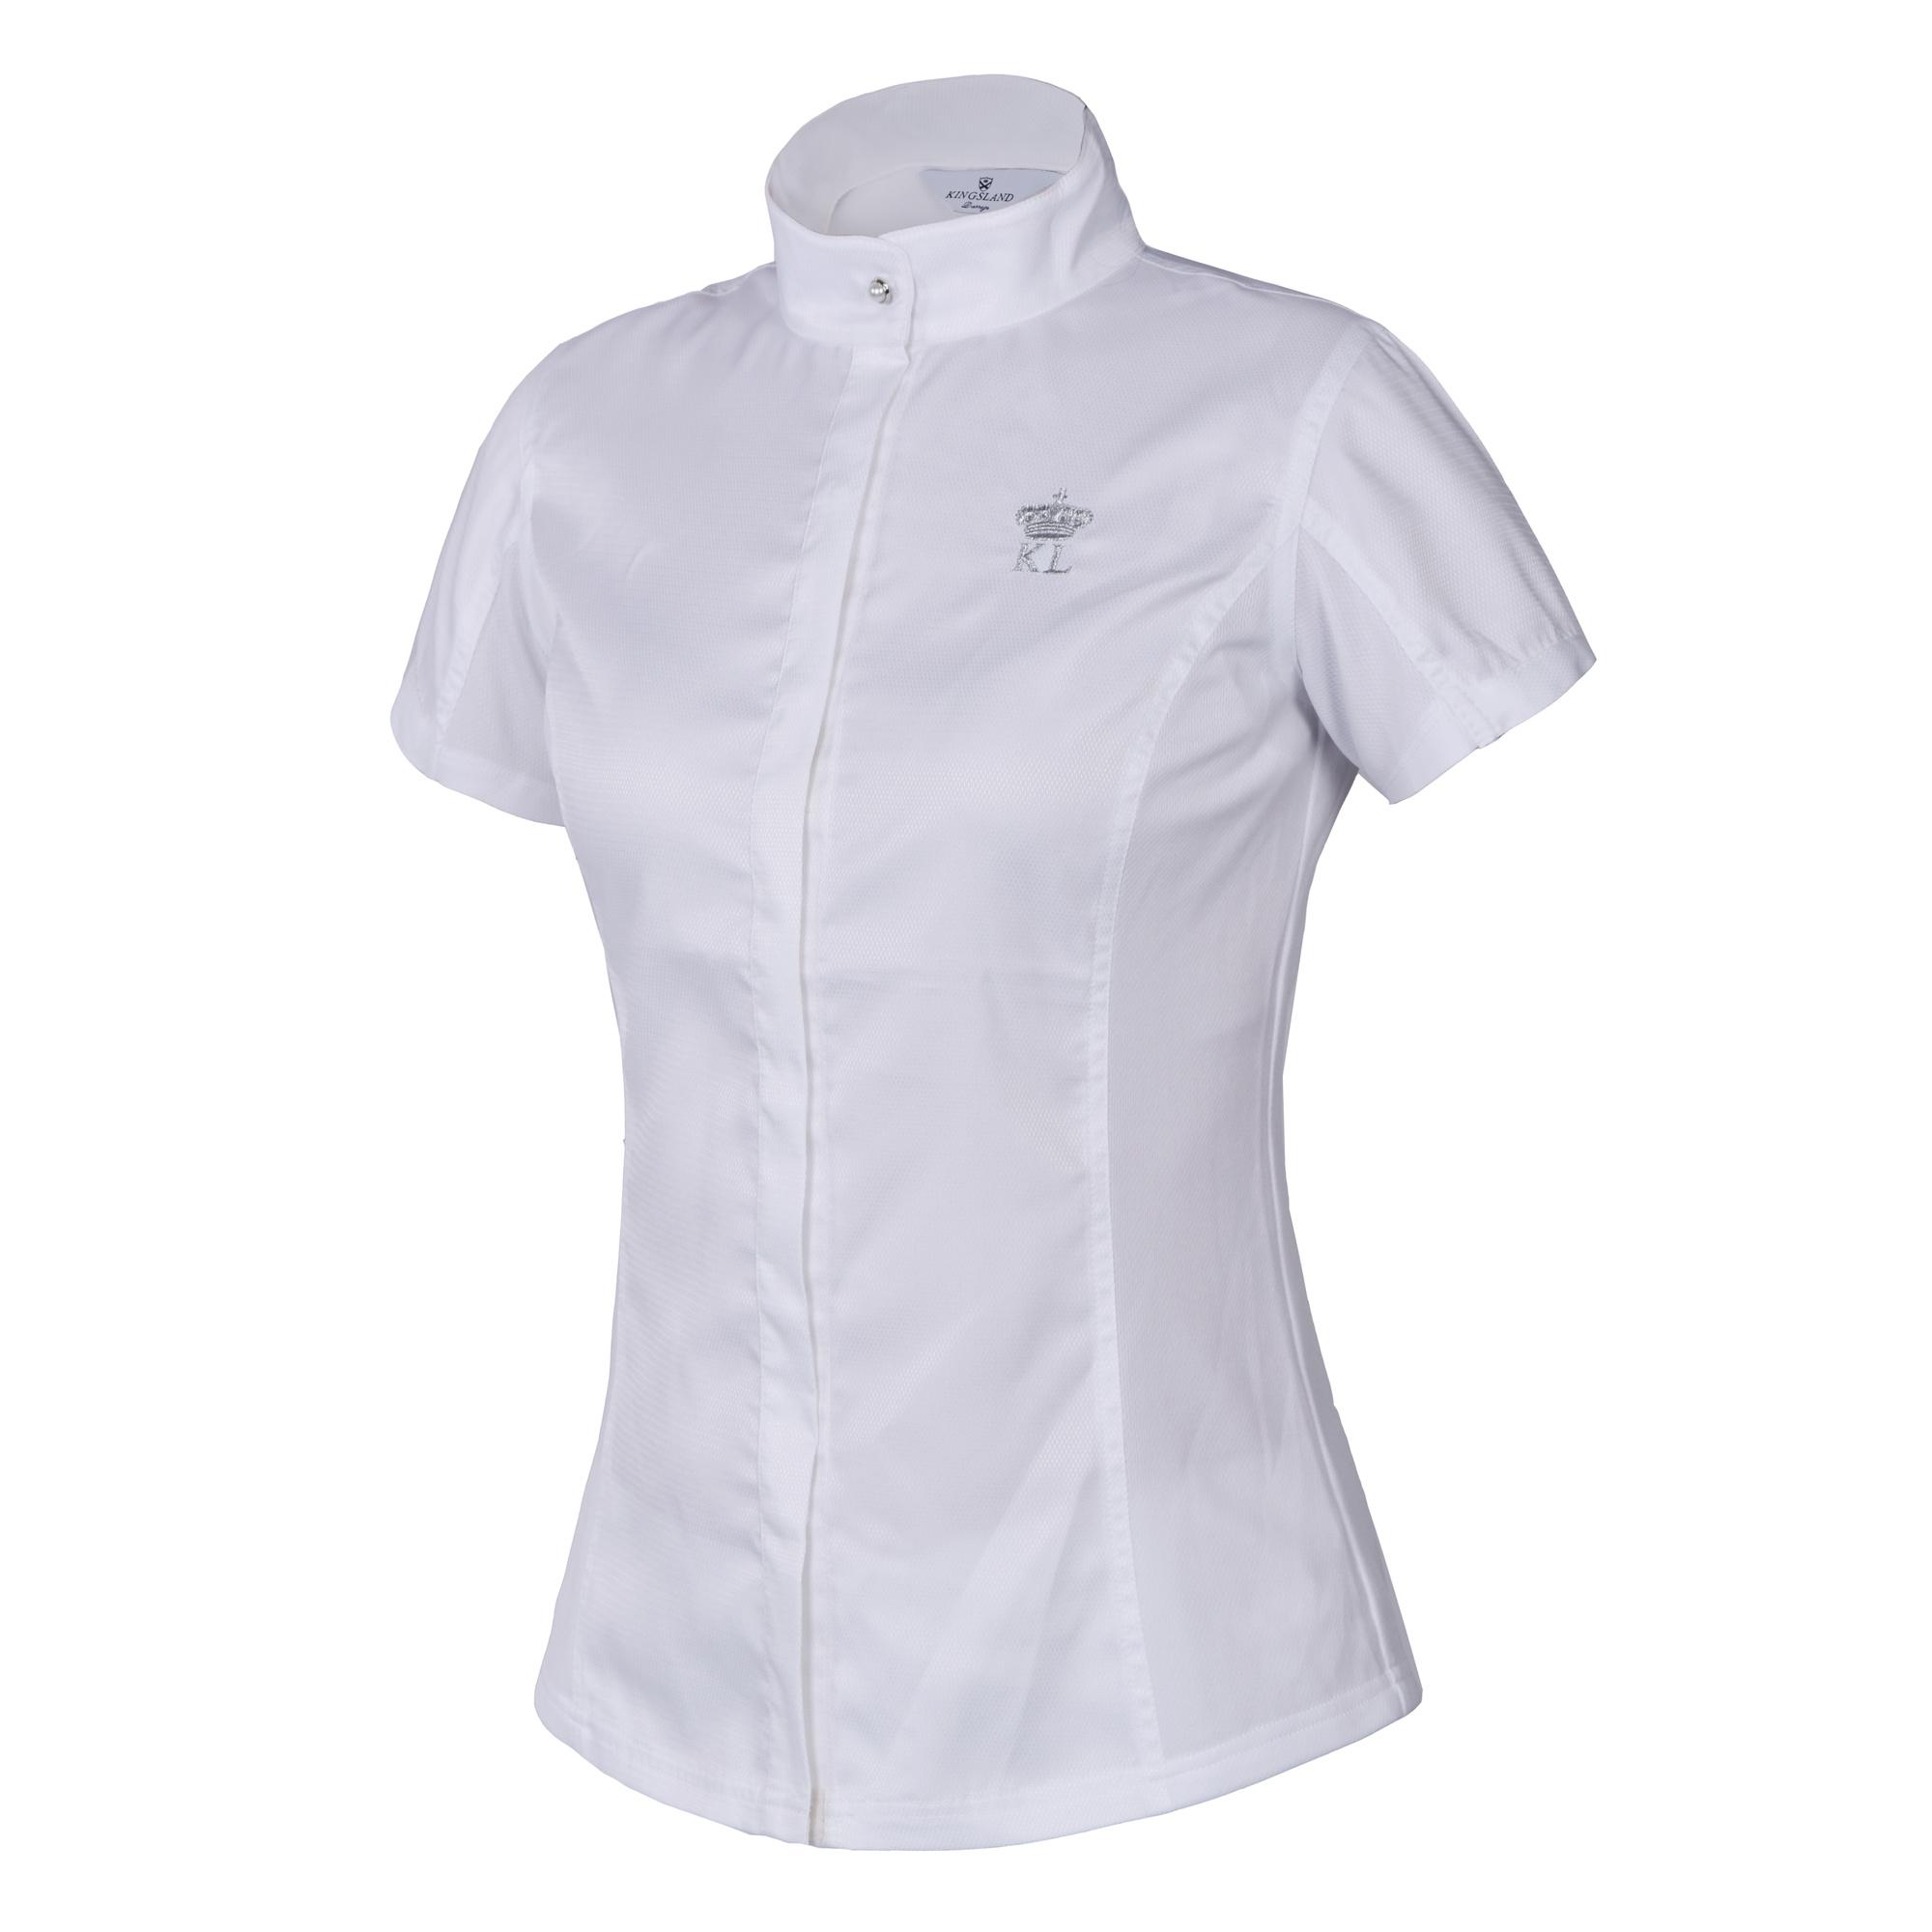 KLD Golania Dame StævneSkjorte Hvid